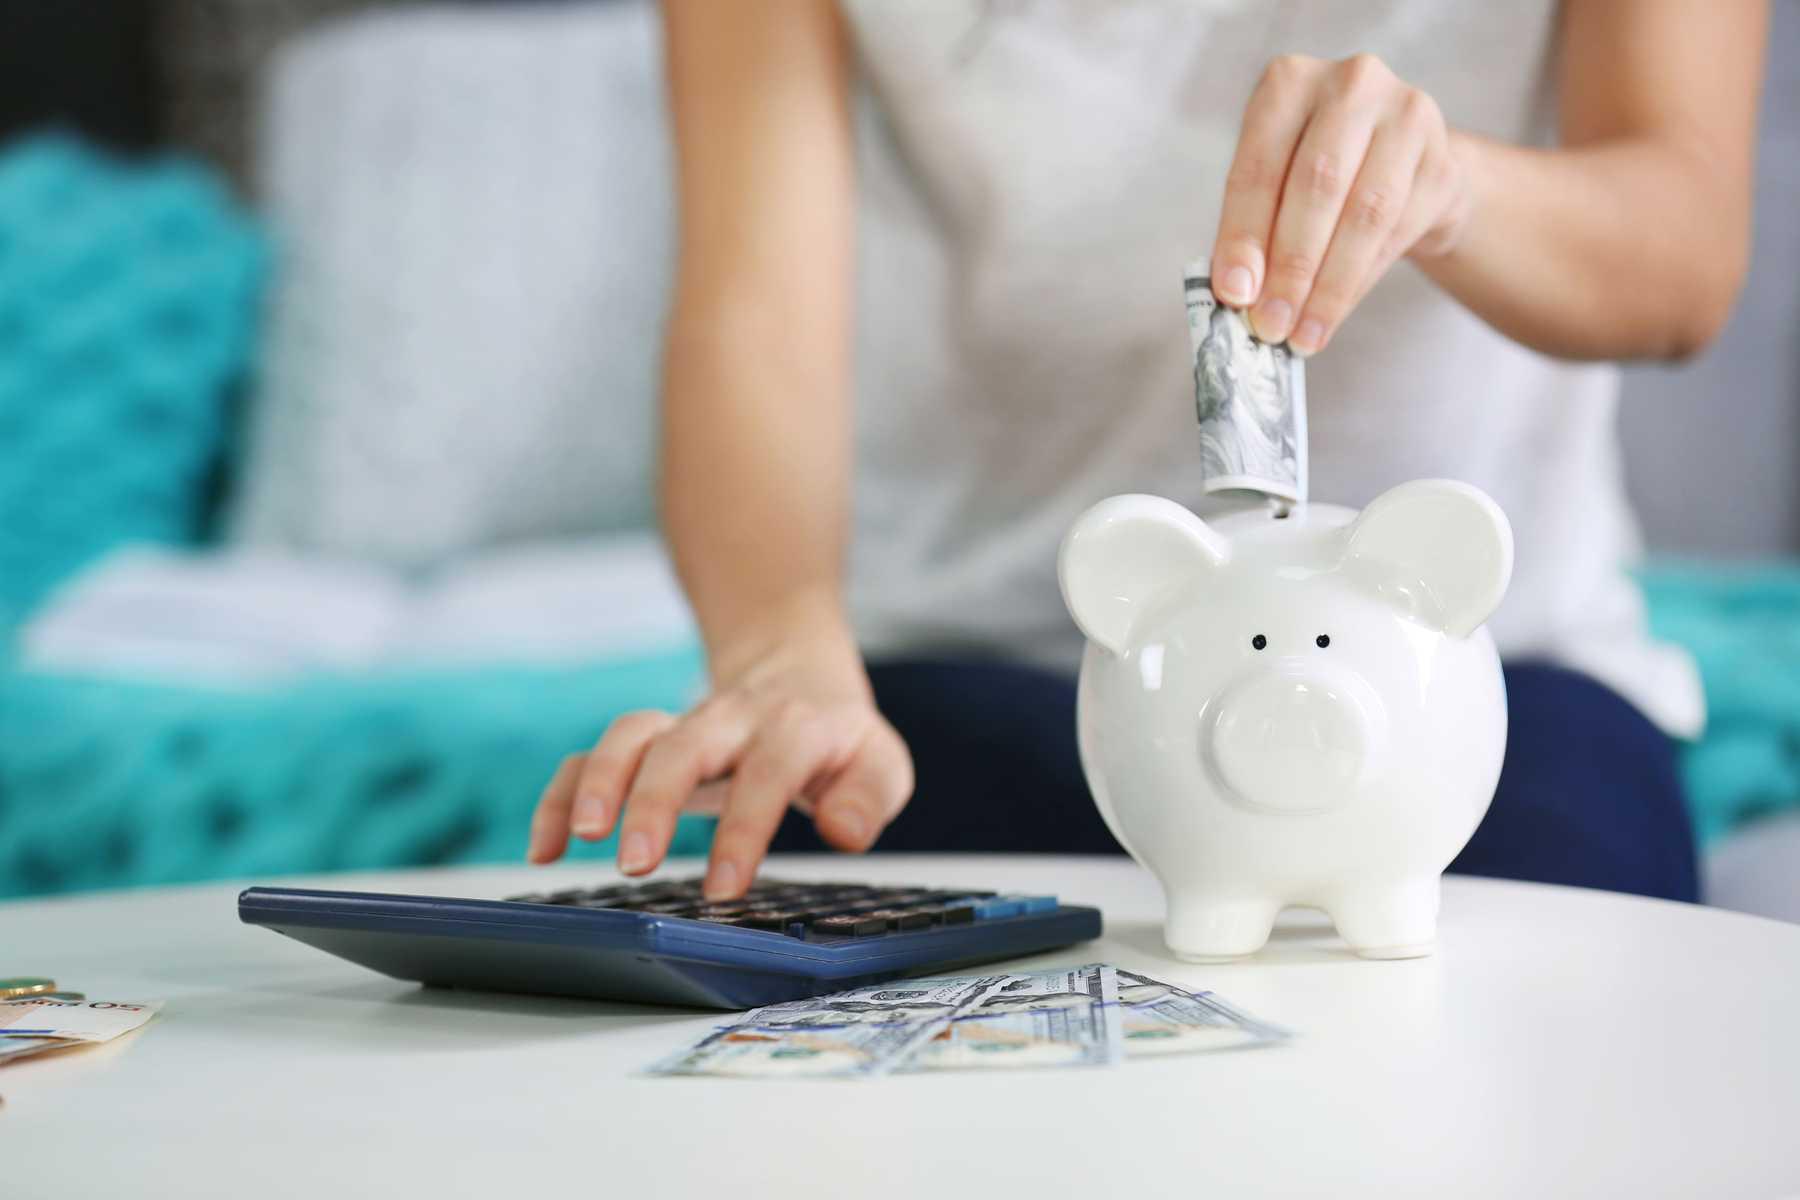 Chị em tuổi 30 cần tỉnh táo để tránh mắc phải 3 sai lầm tiền bạc này